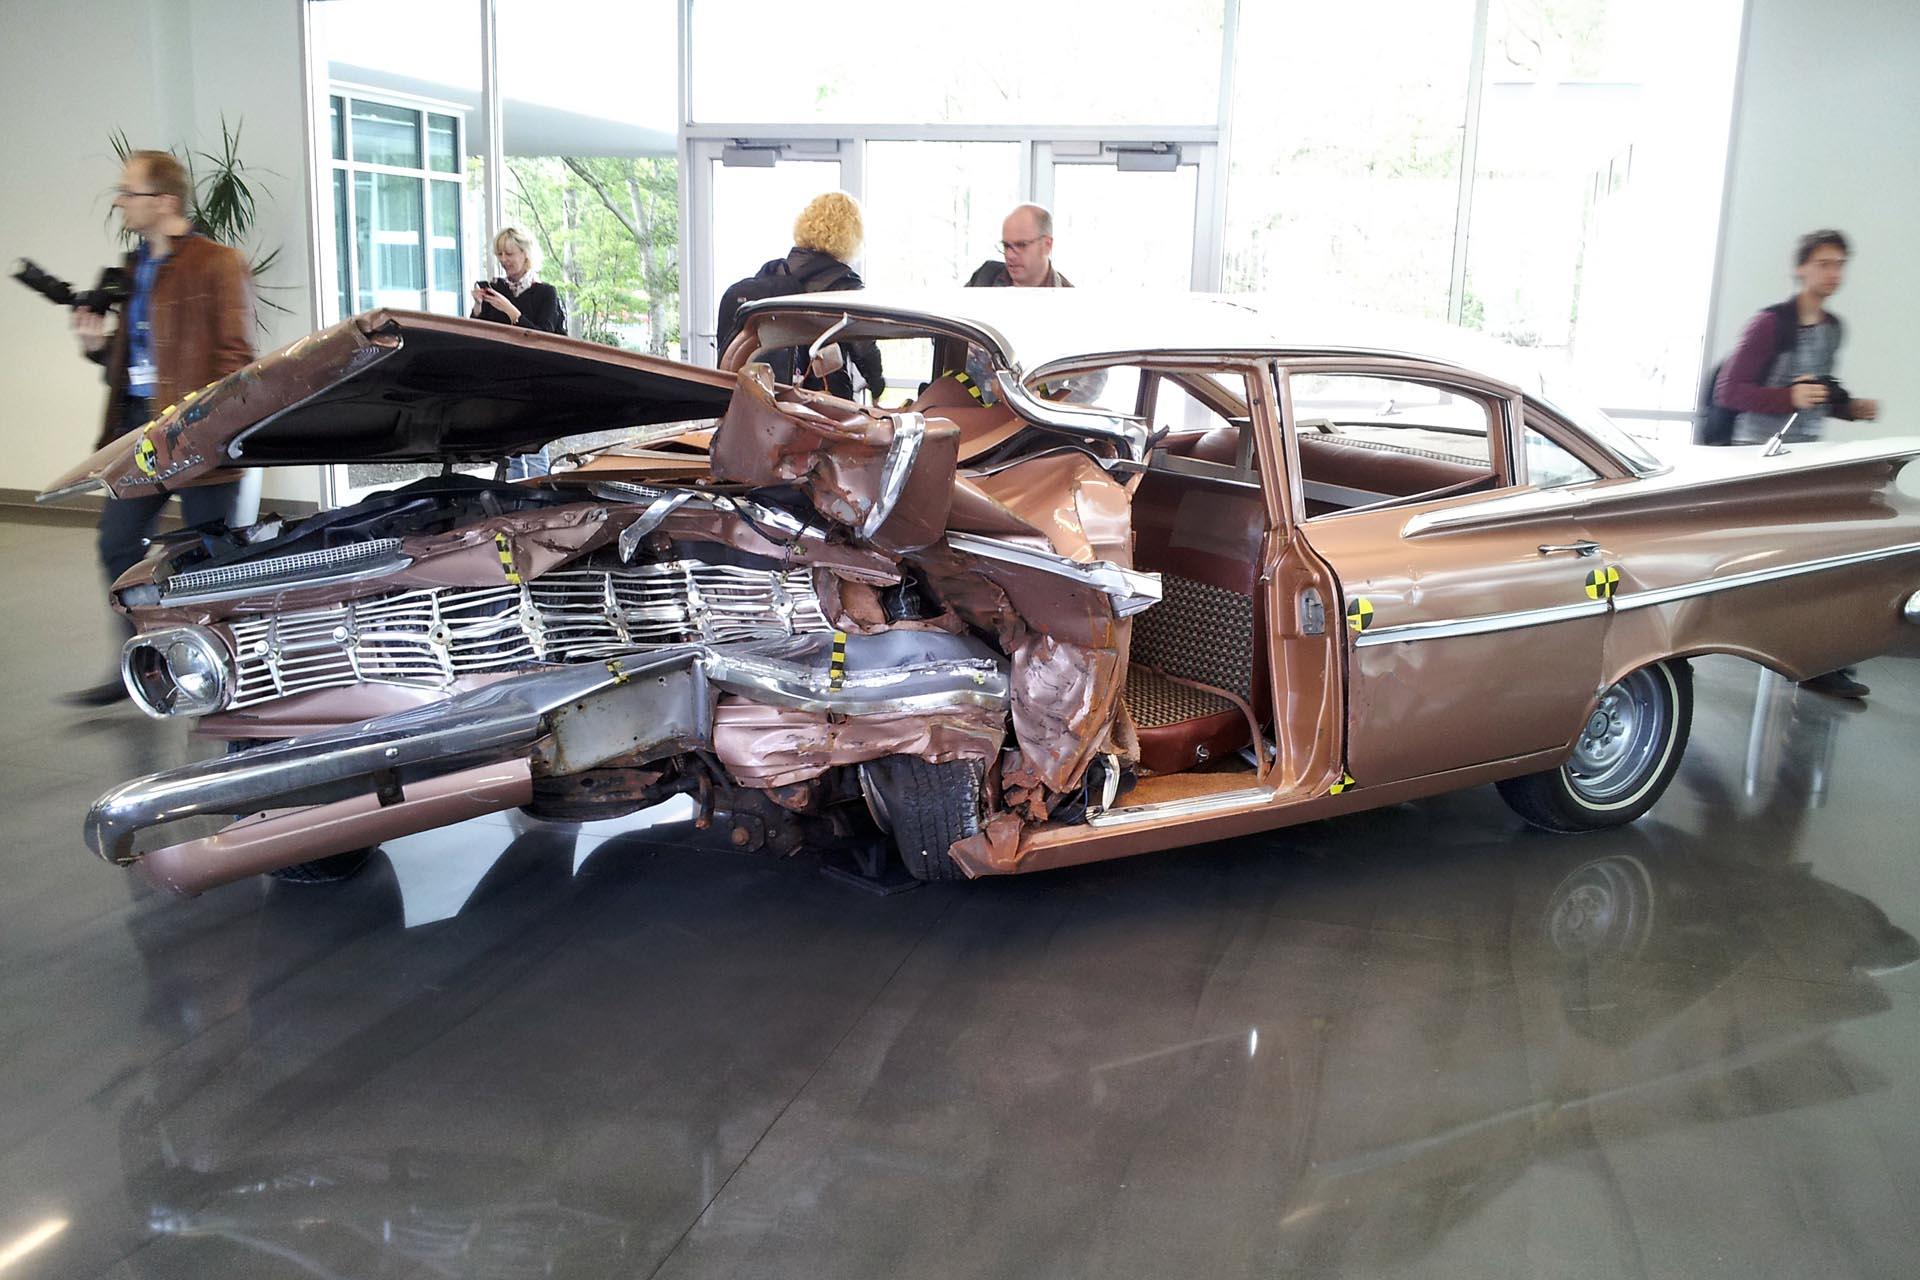 Insurance Car Crash Tests